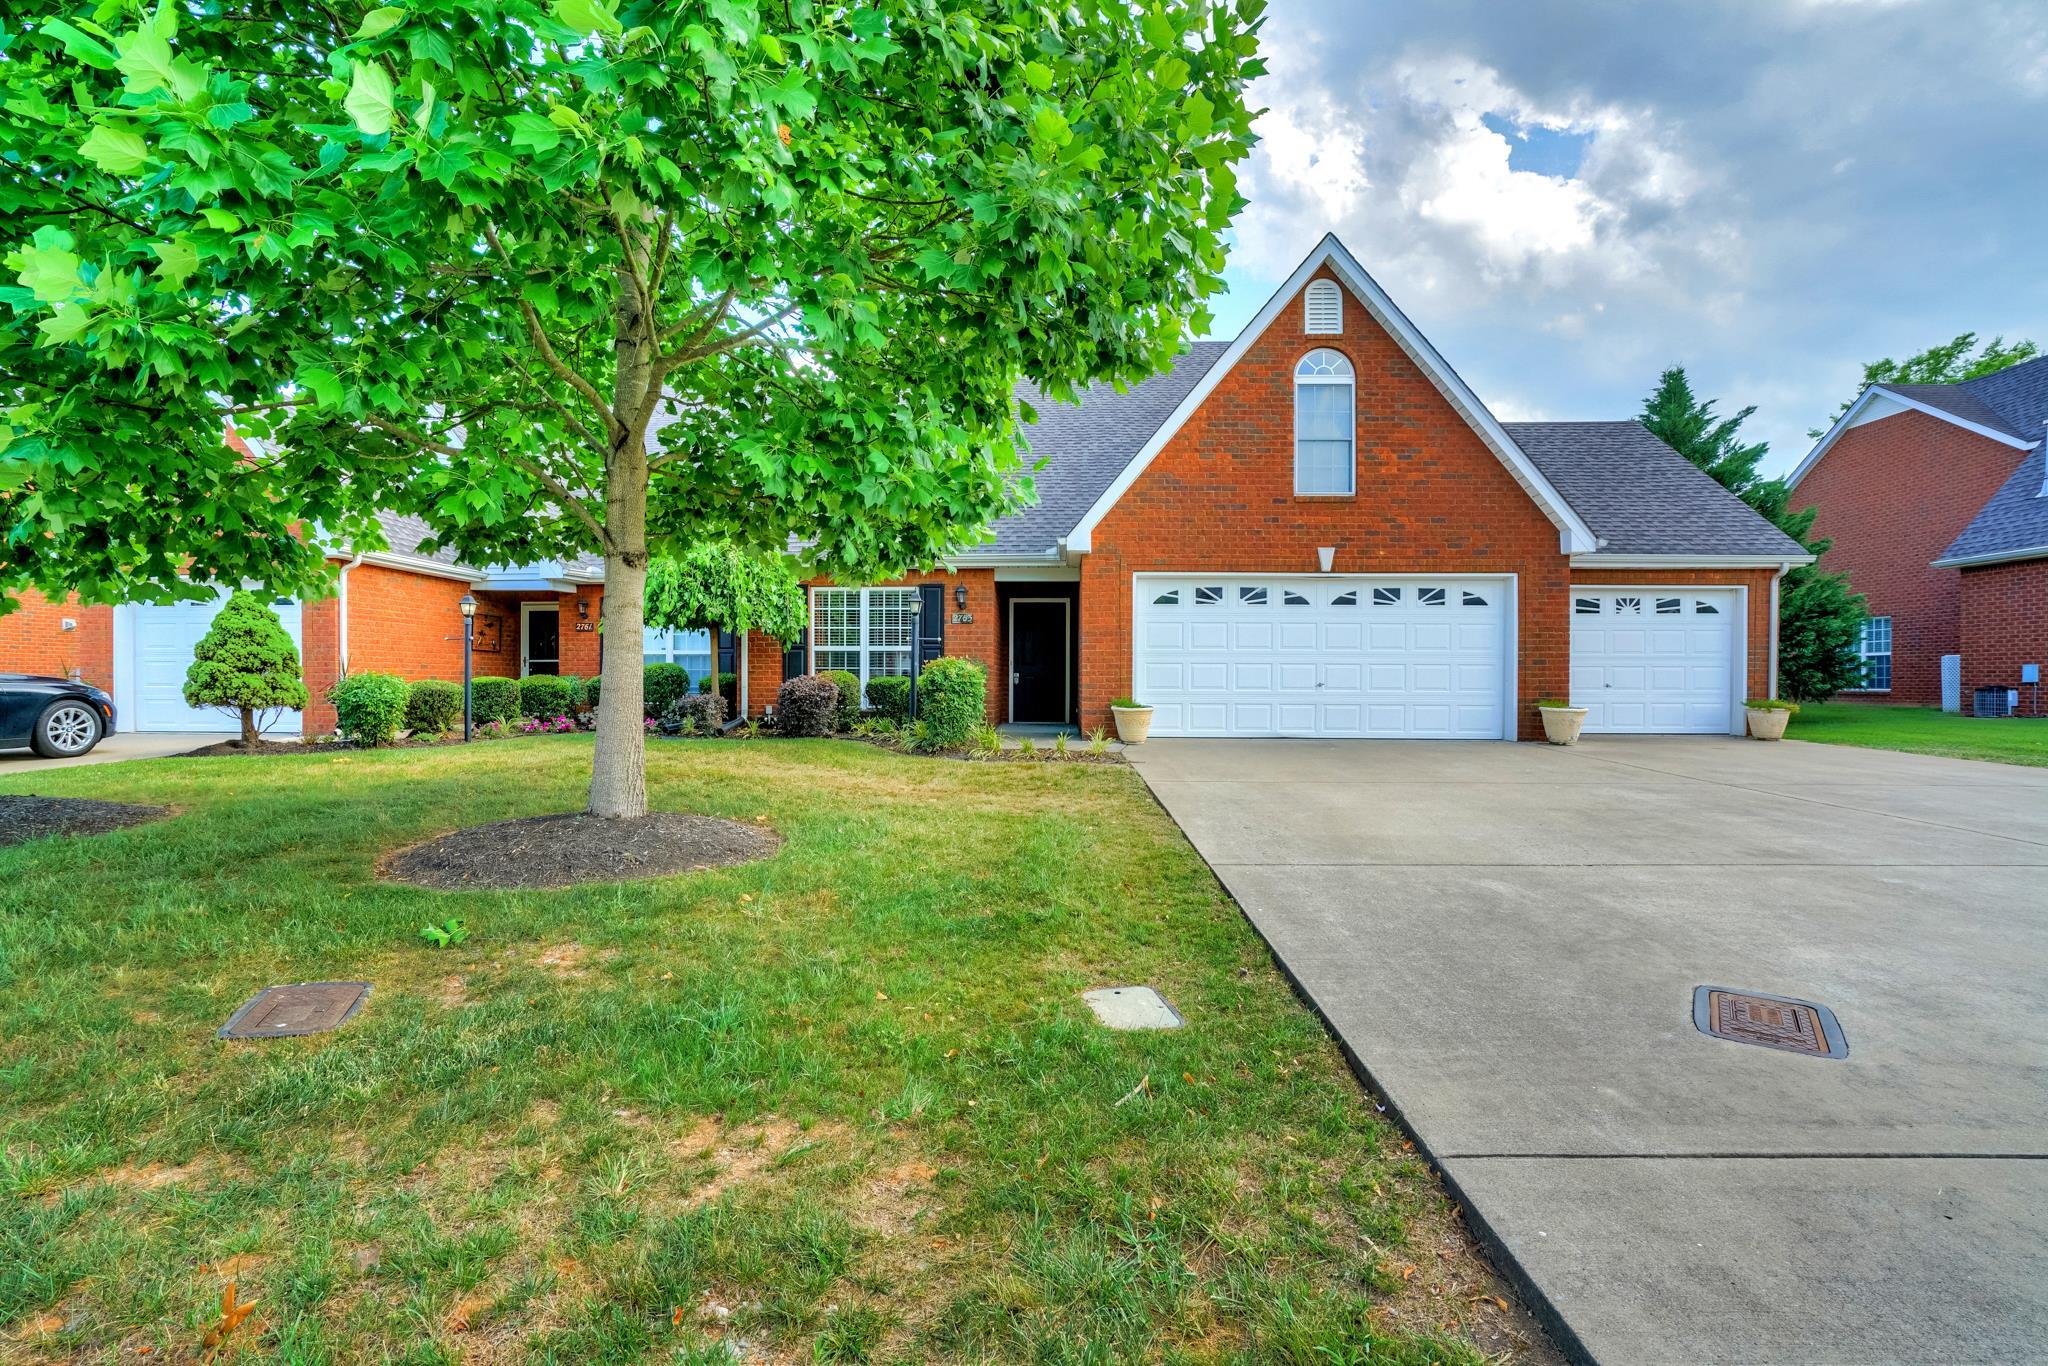 2763 Waywood Dr, Murfreesboro, Tennessee